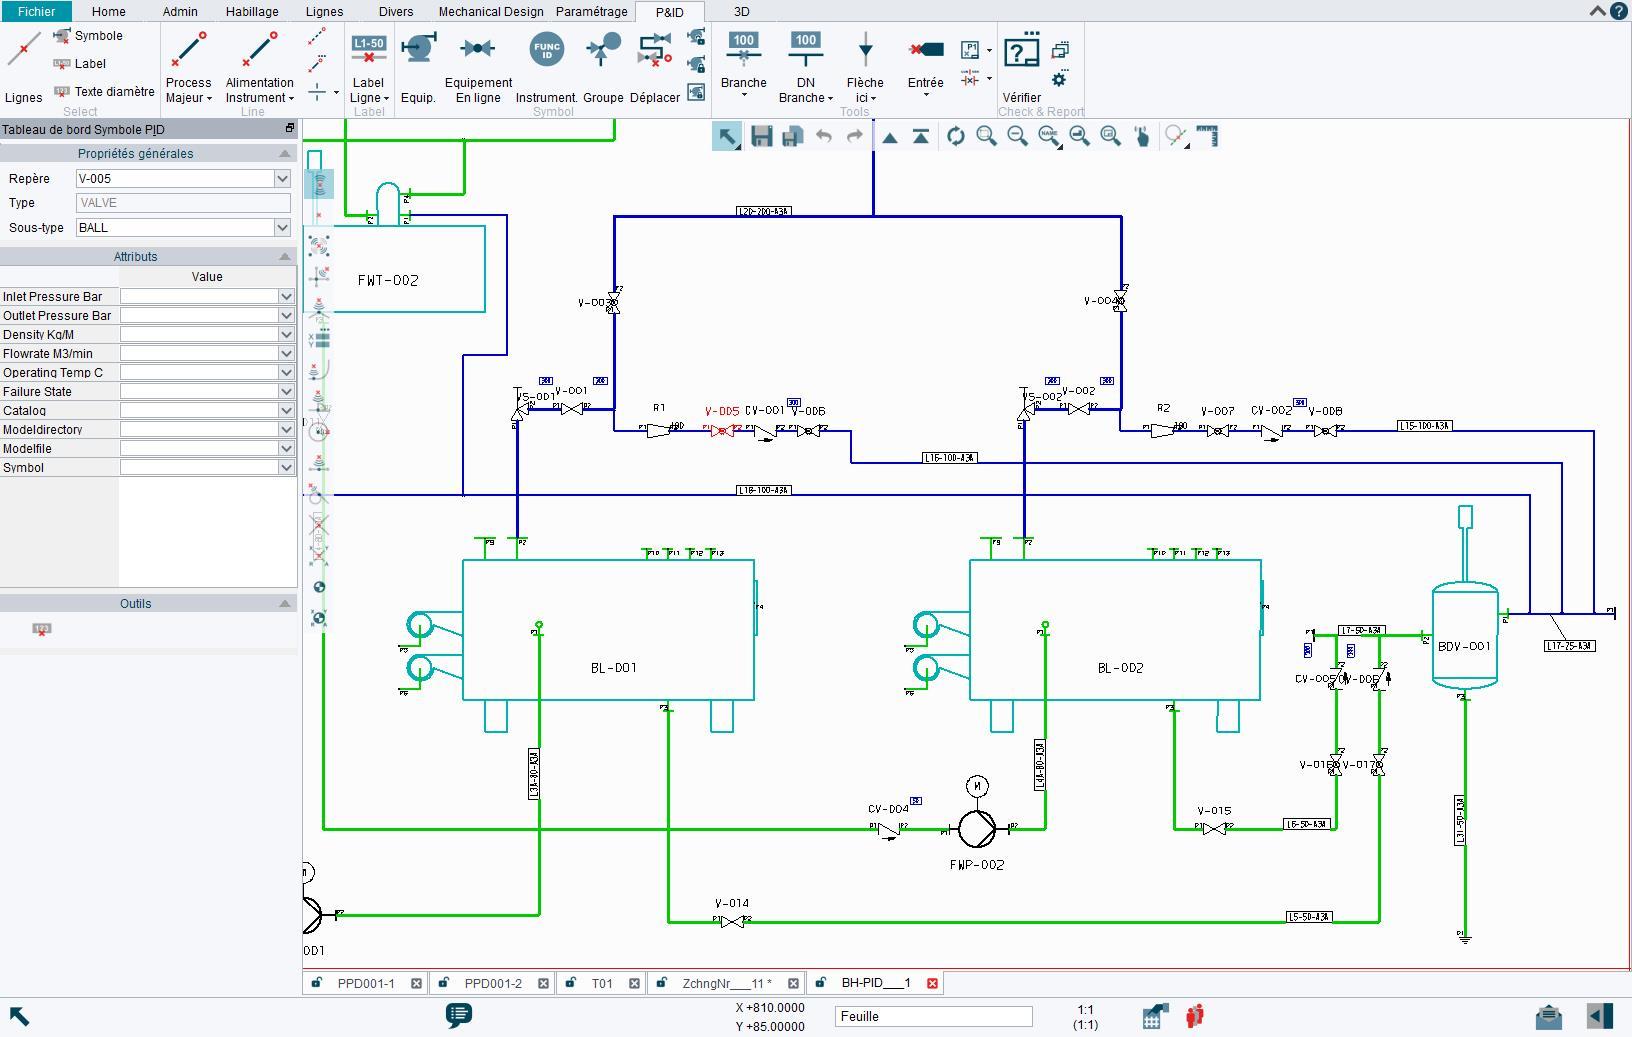 Logiciel P&ID pour la création de diagrammes intelligents